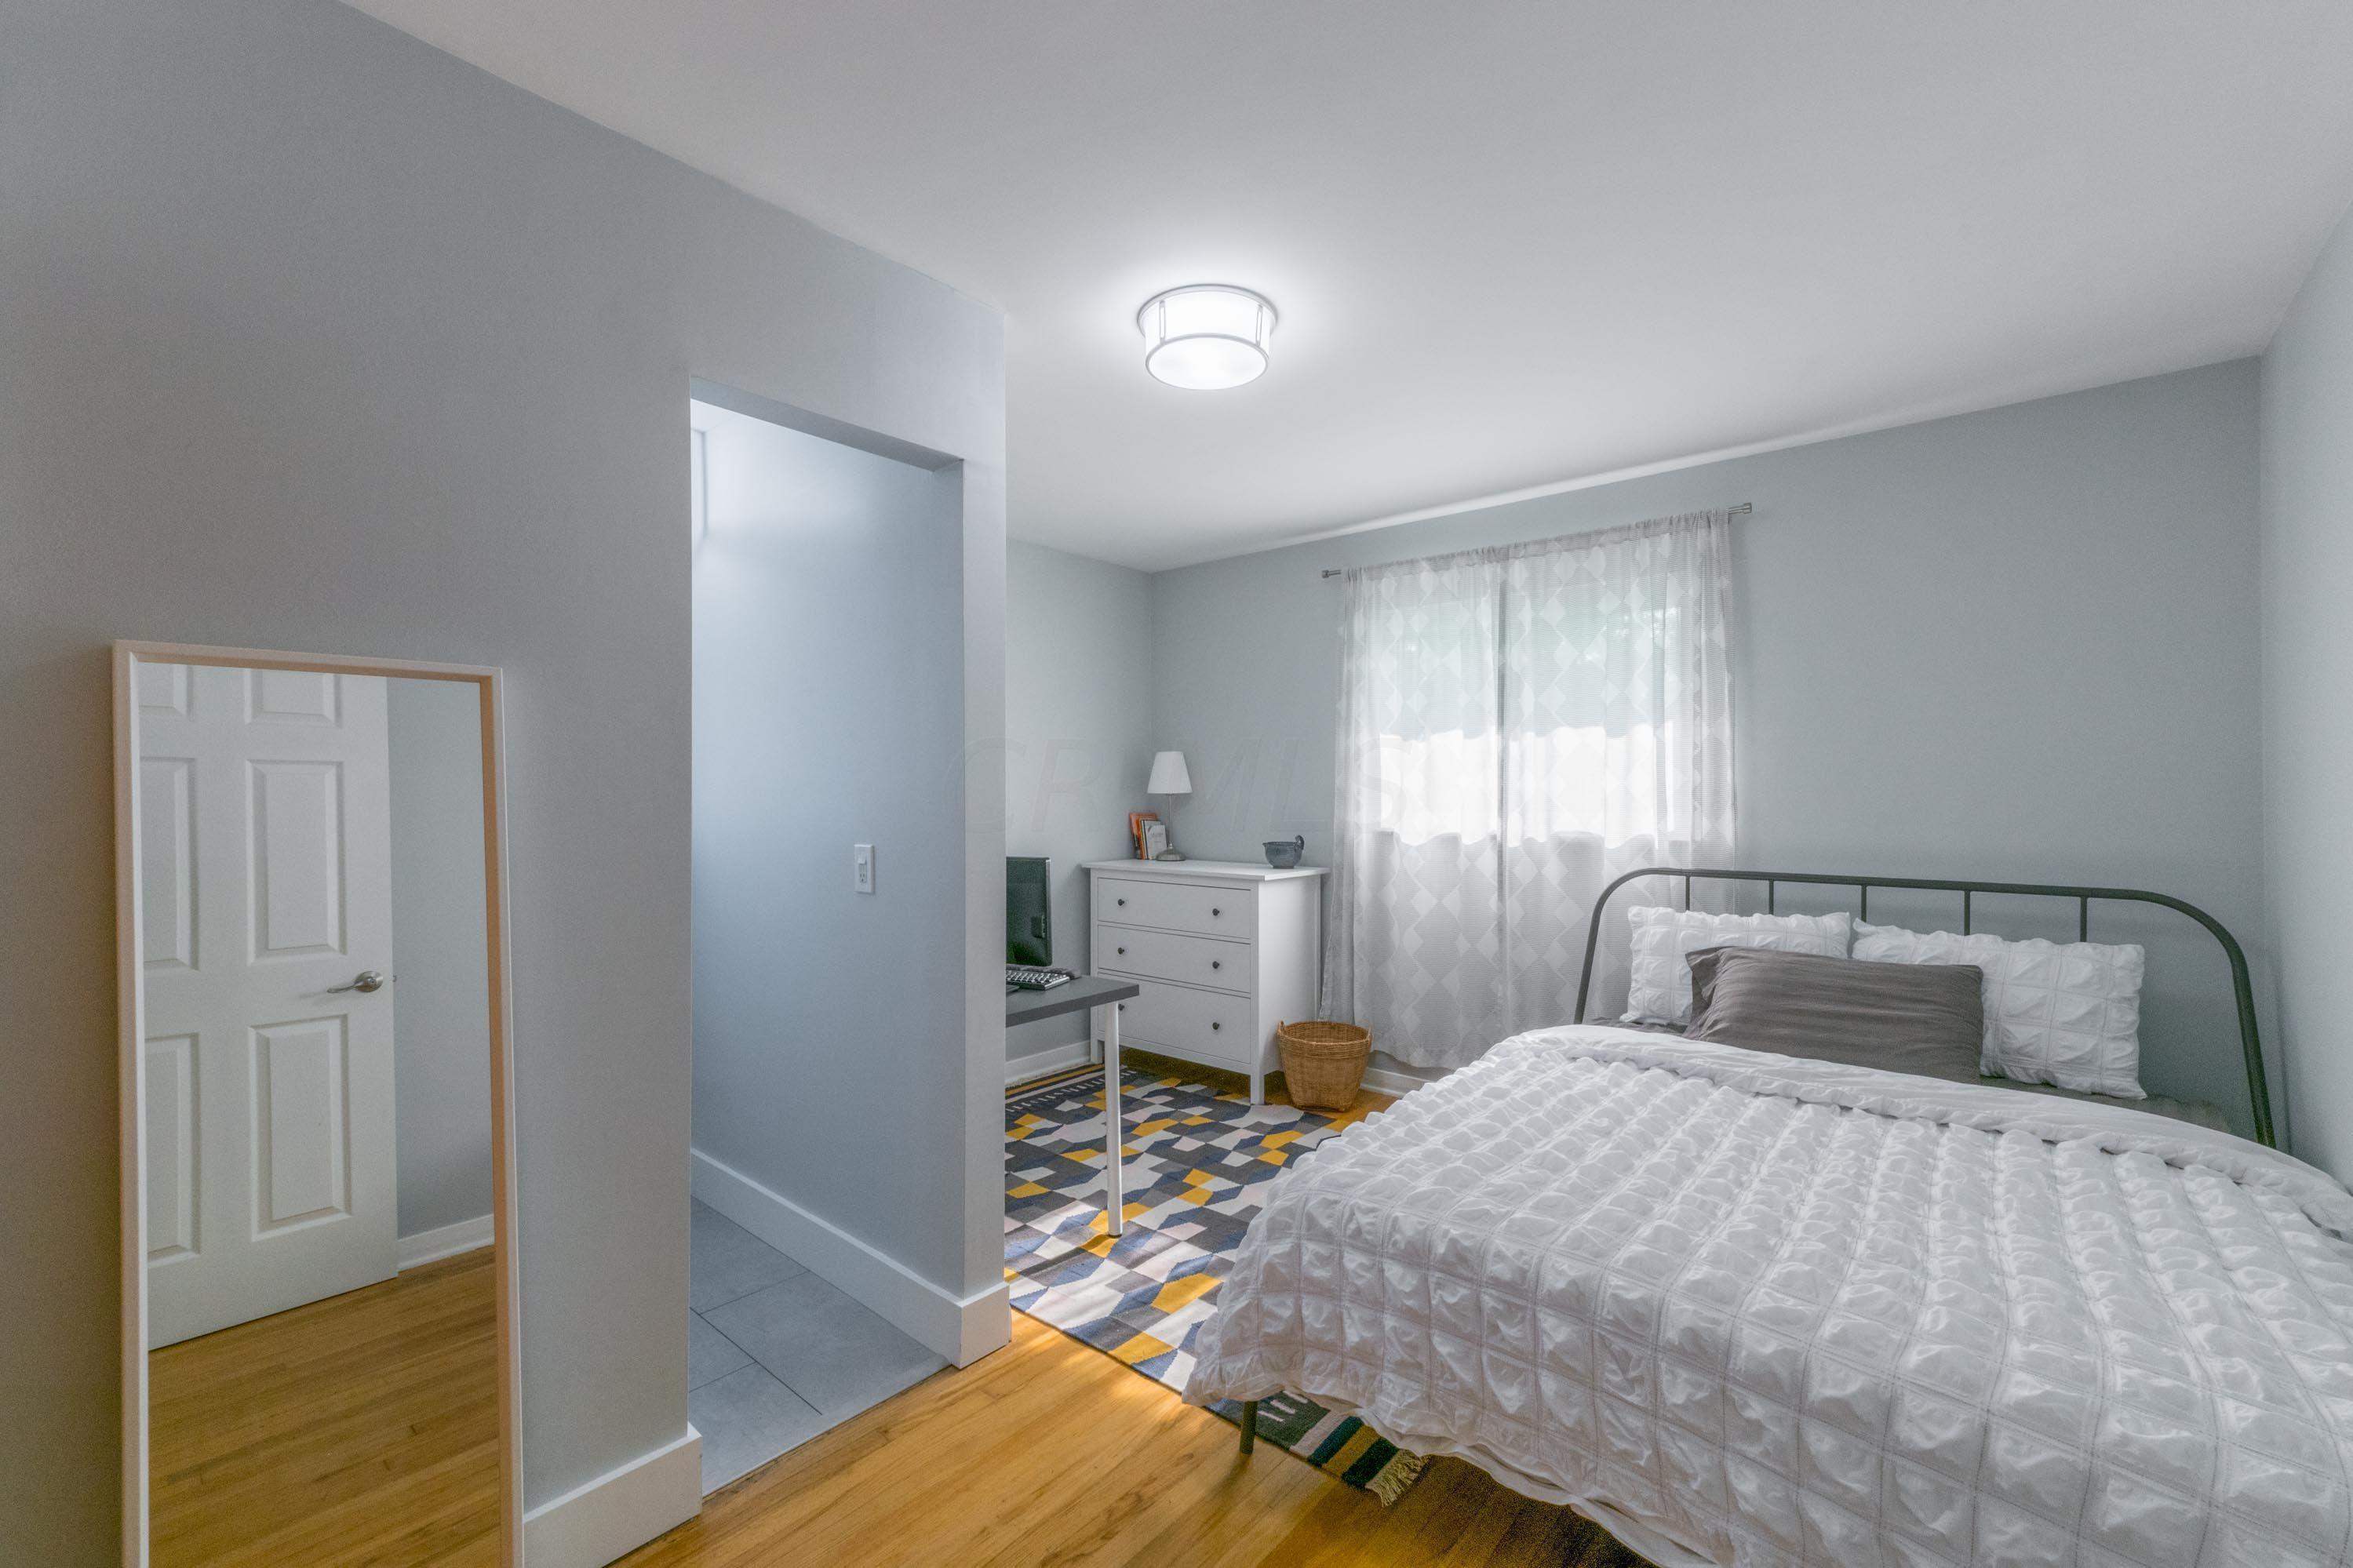 Bedroom - 2 has ensuite half bath